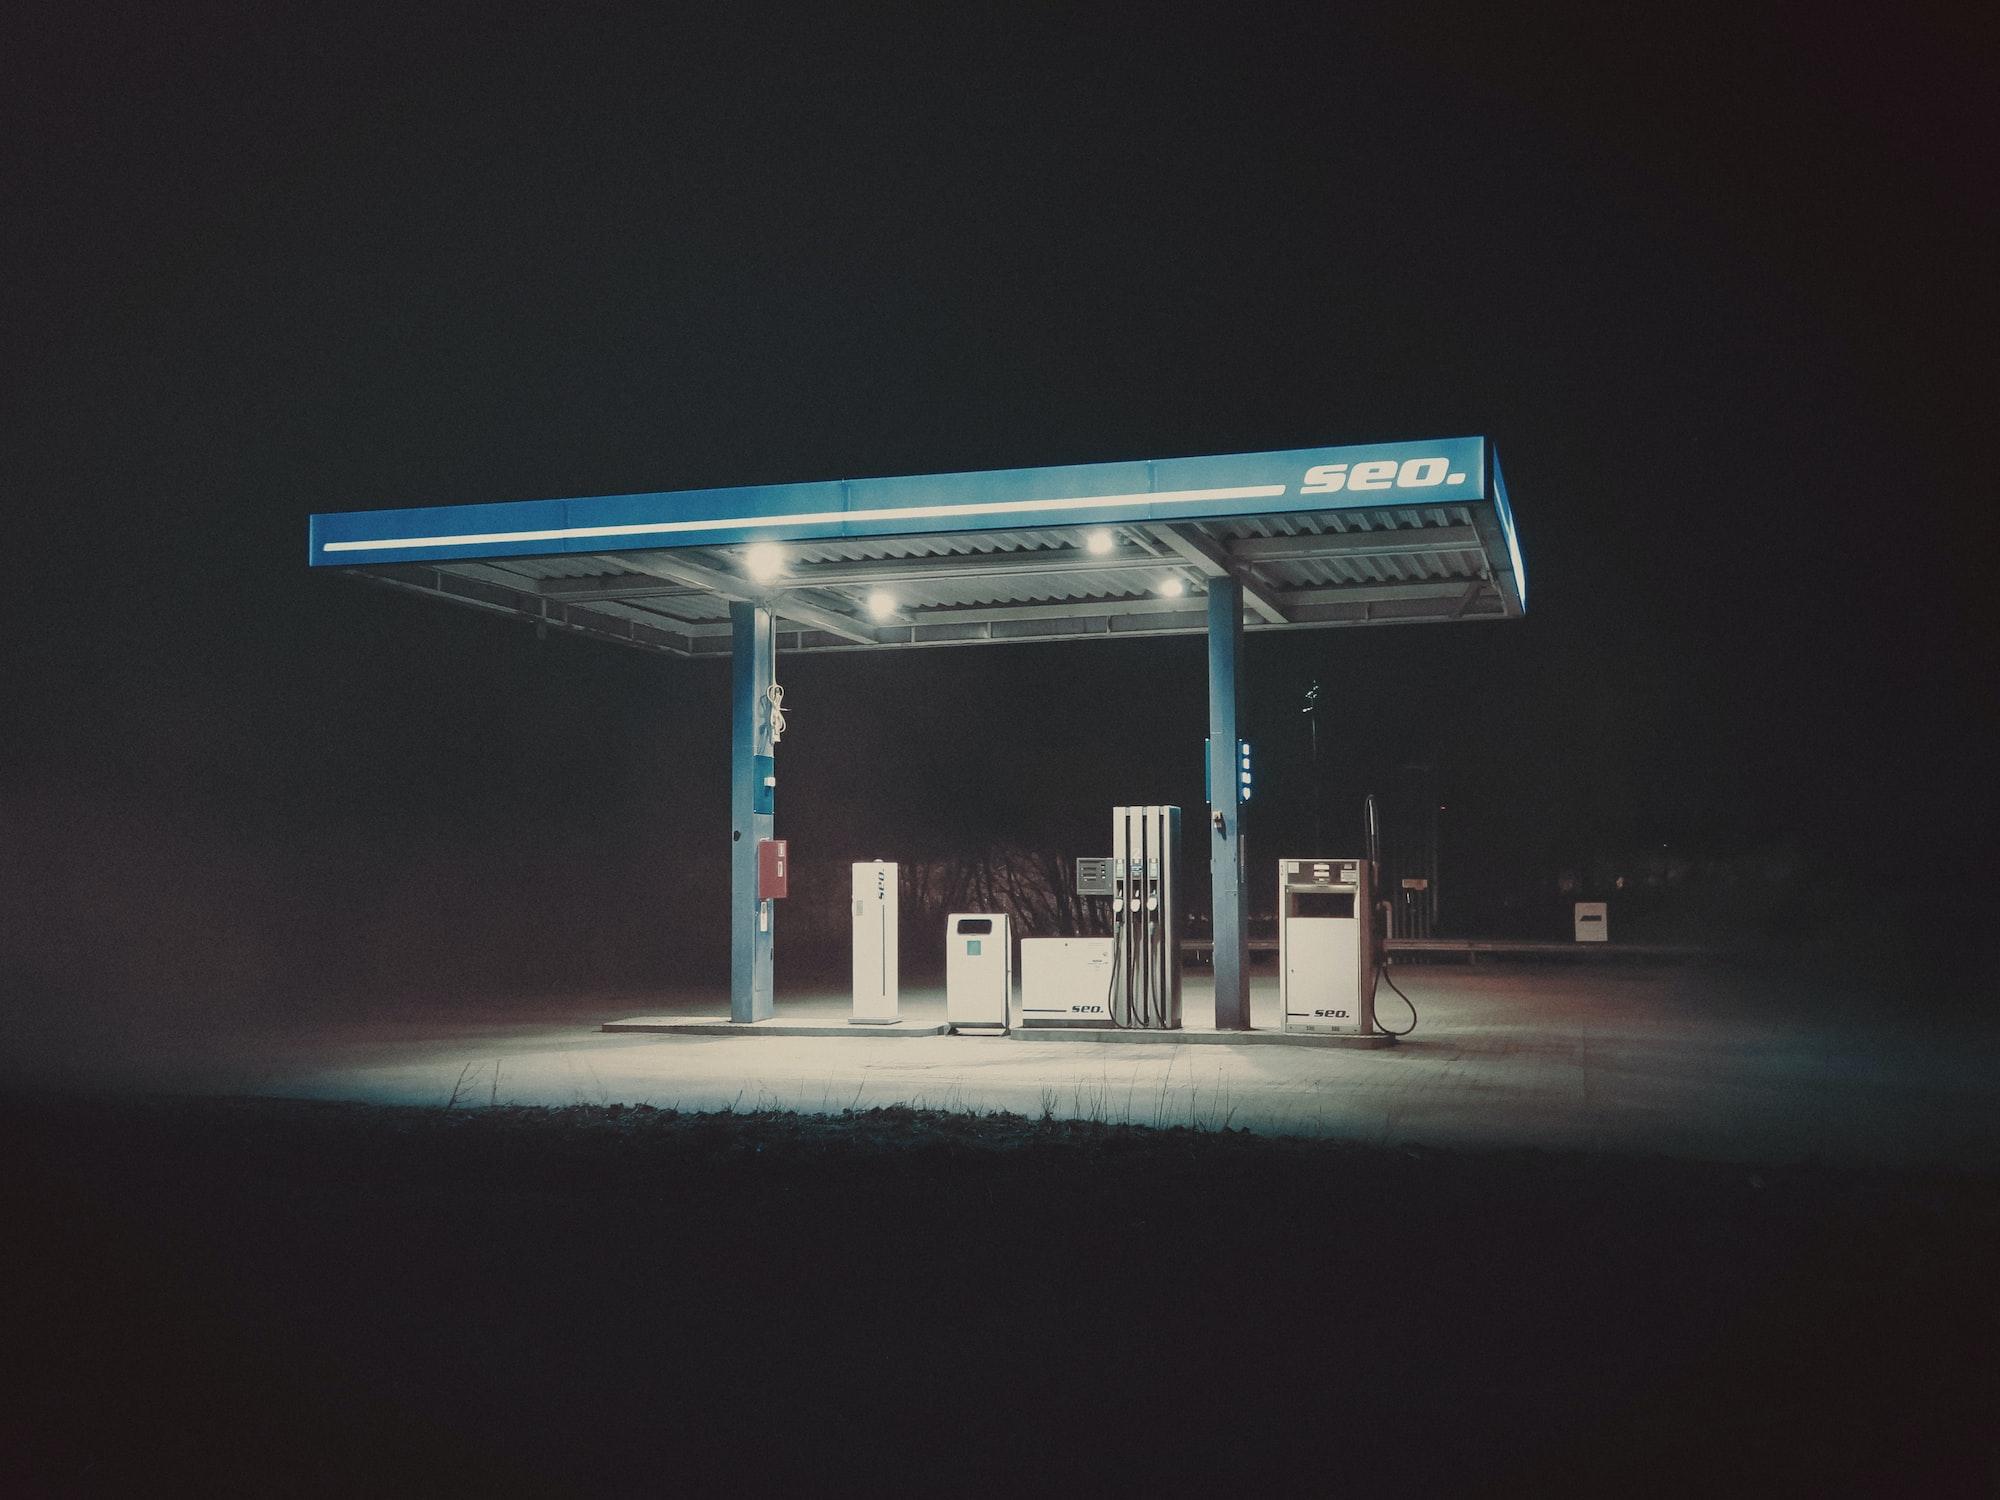 美国输油管道解封,加拿大油价将暴涨